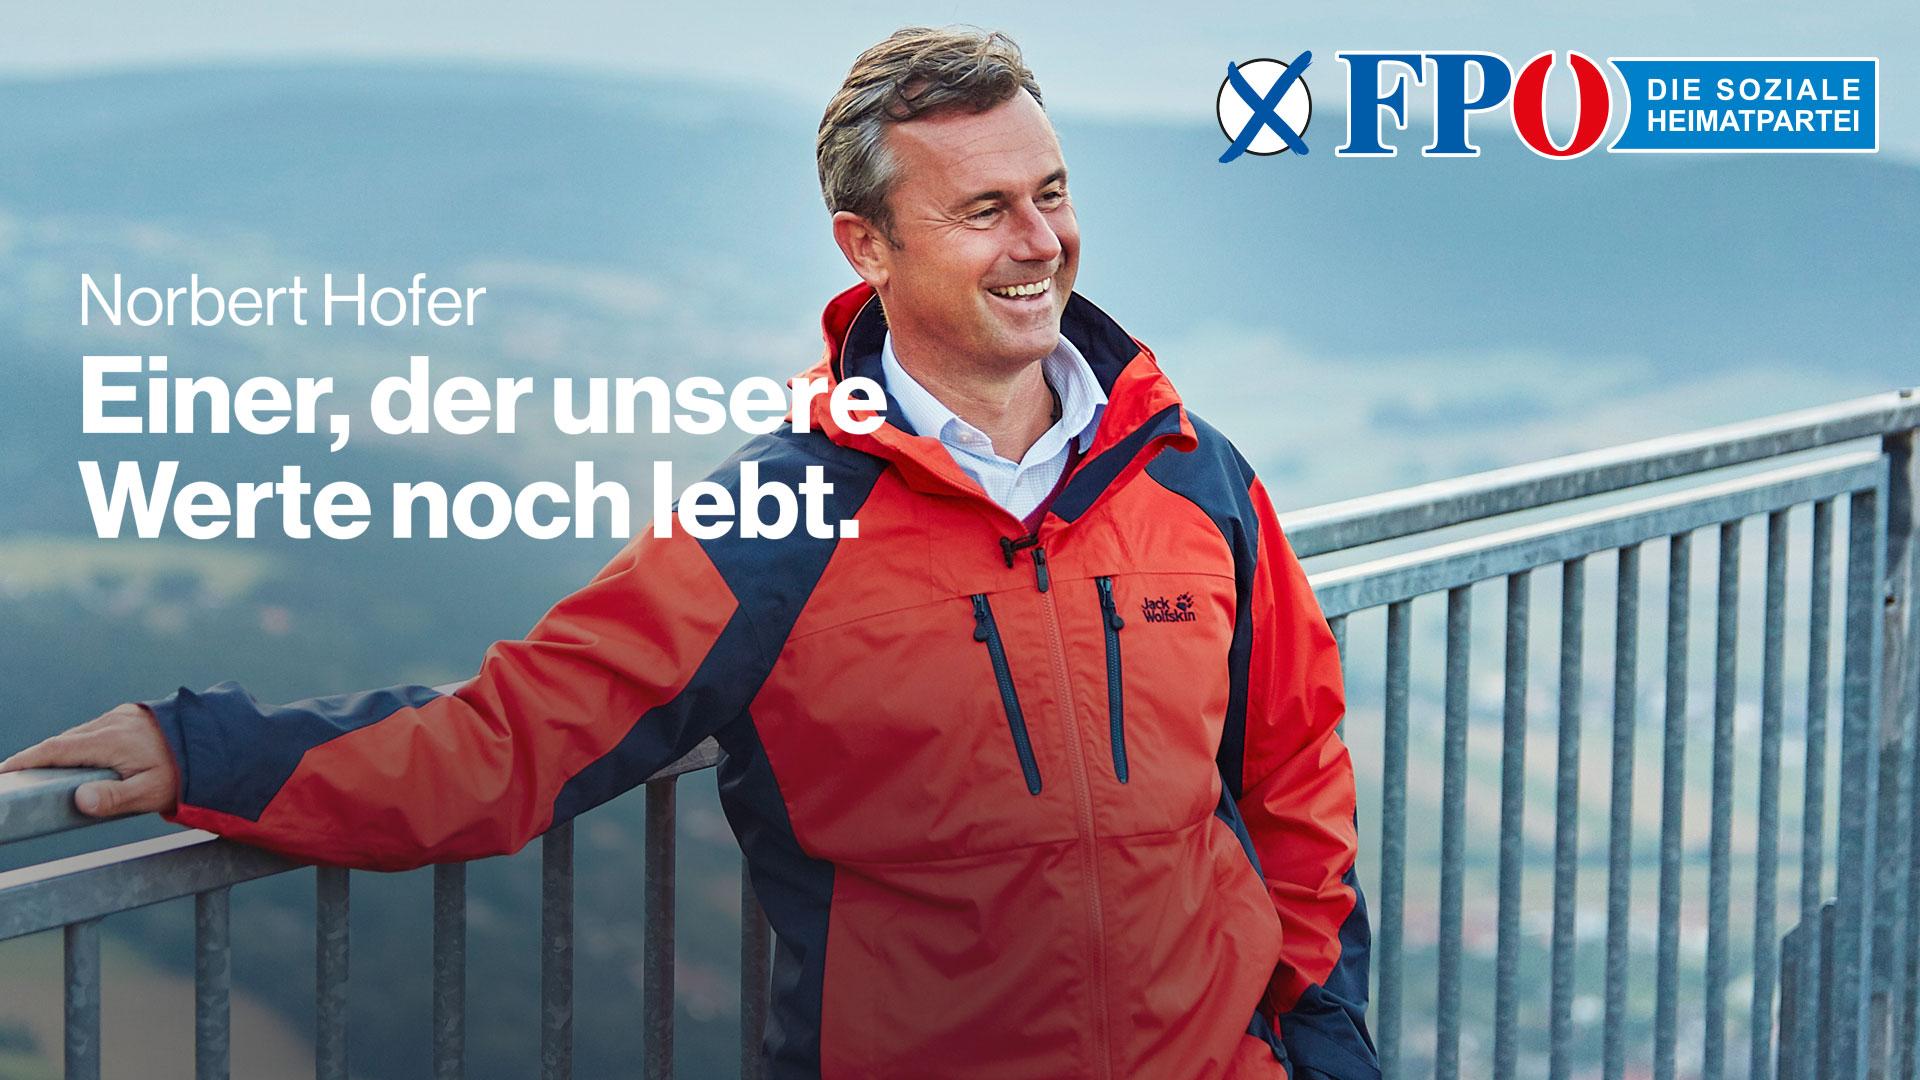 Wahlslogan 2019 der FPÖ: Einer der unsere Werte noch lebt